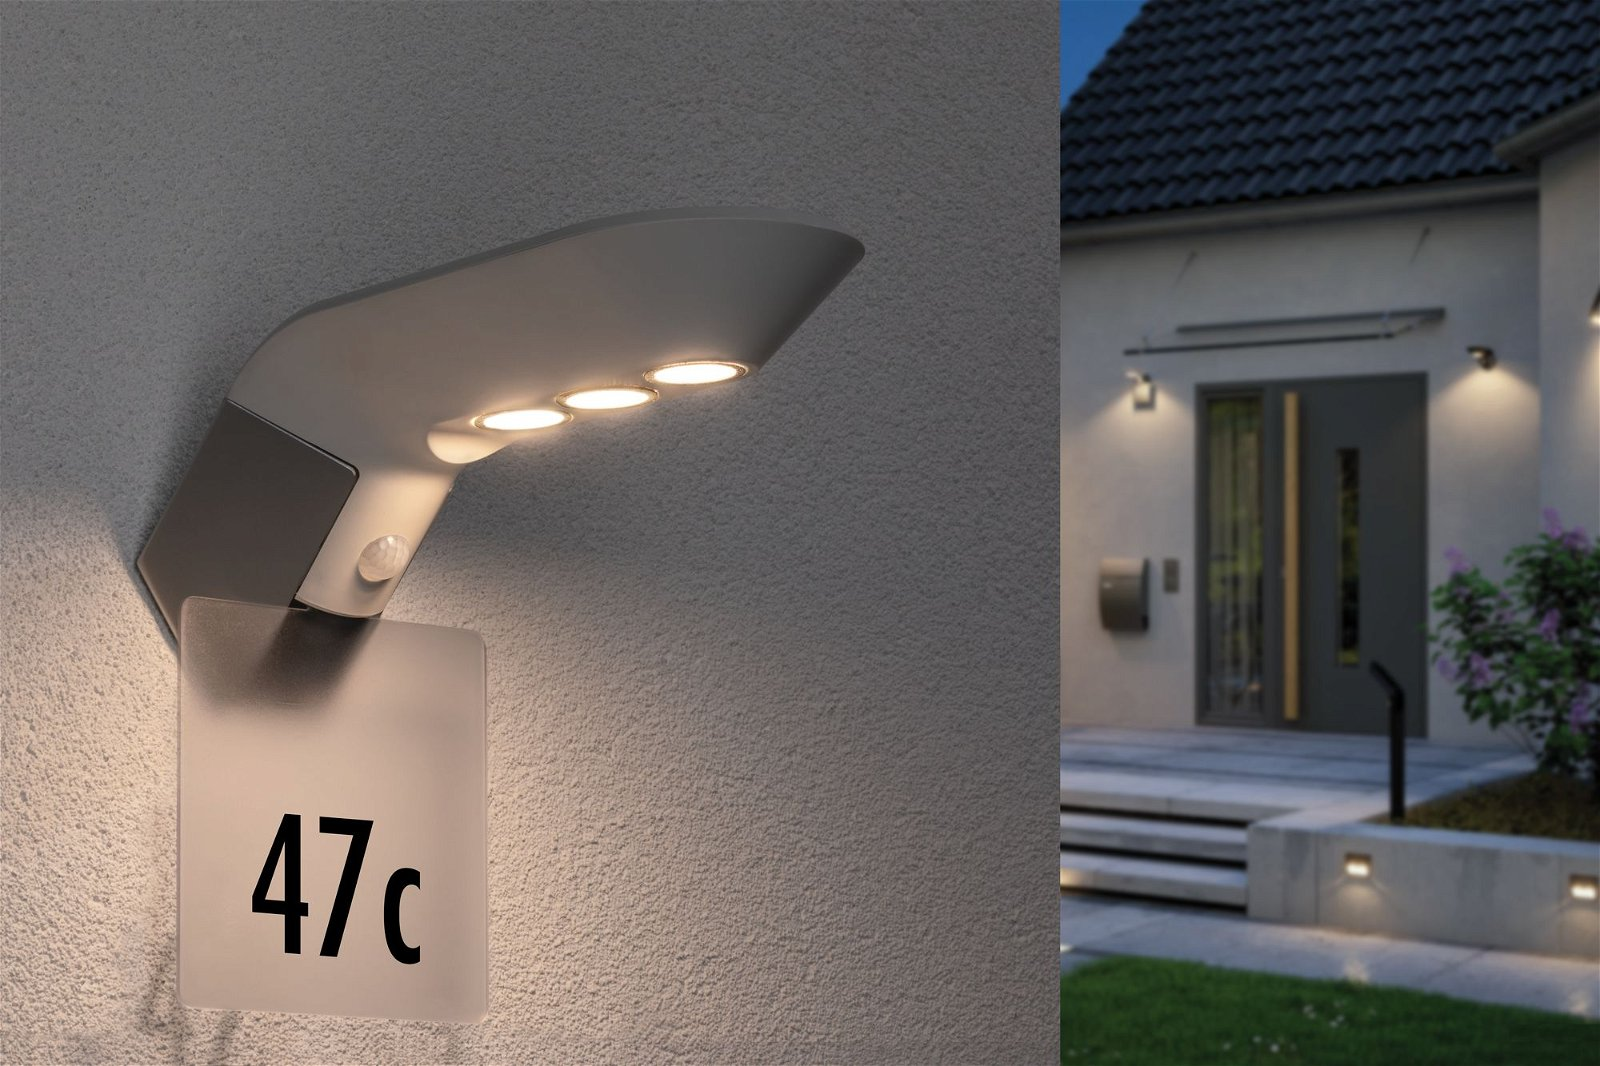 Solar LED Hausnummernleuchte Soley Bewegungsmelder Zubehör Transparent